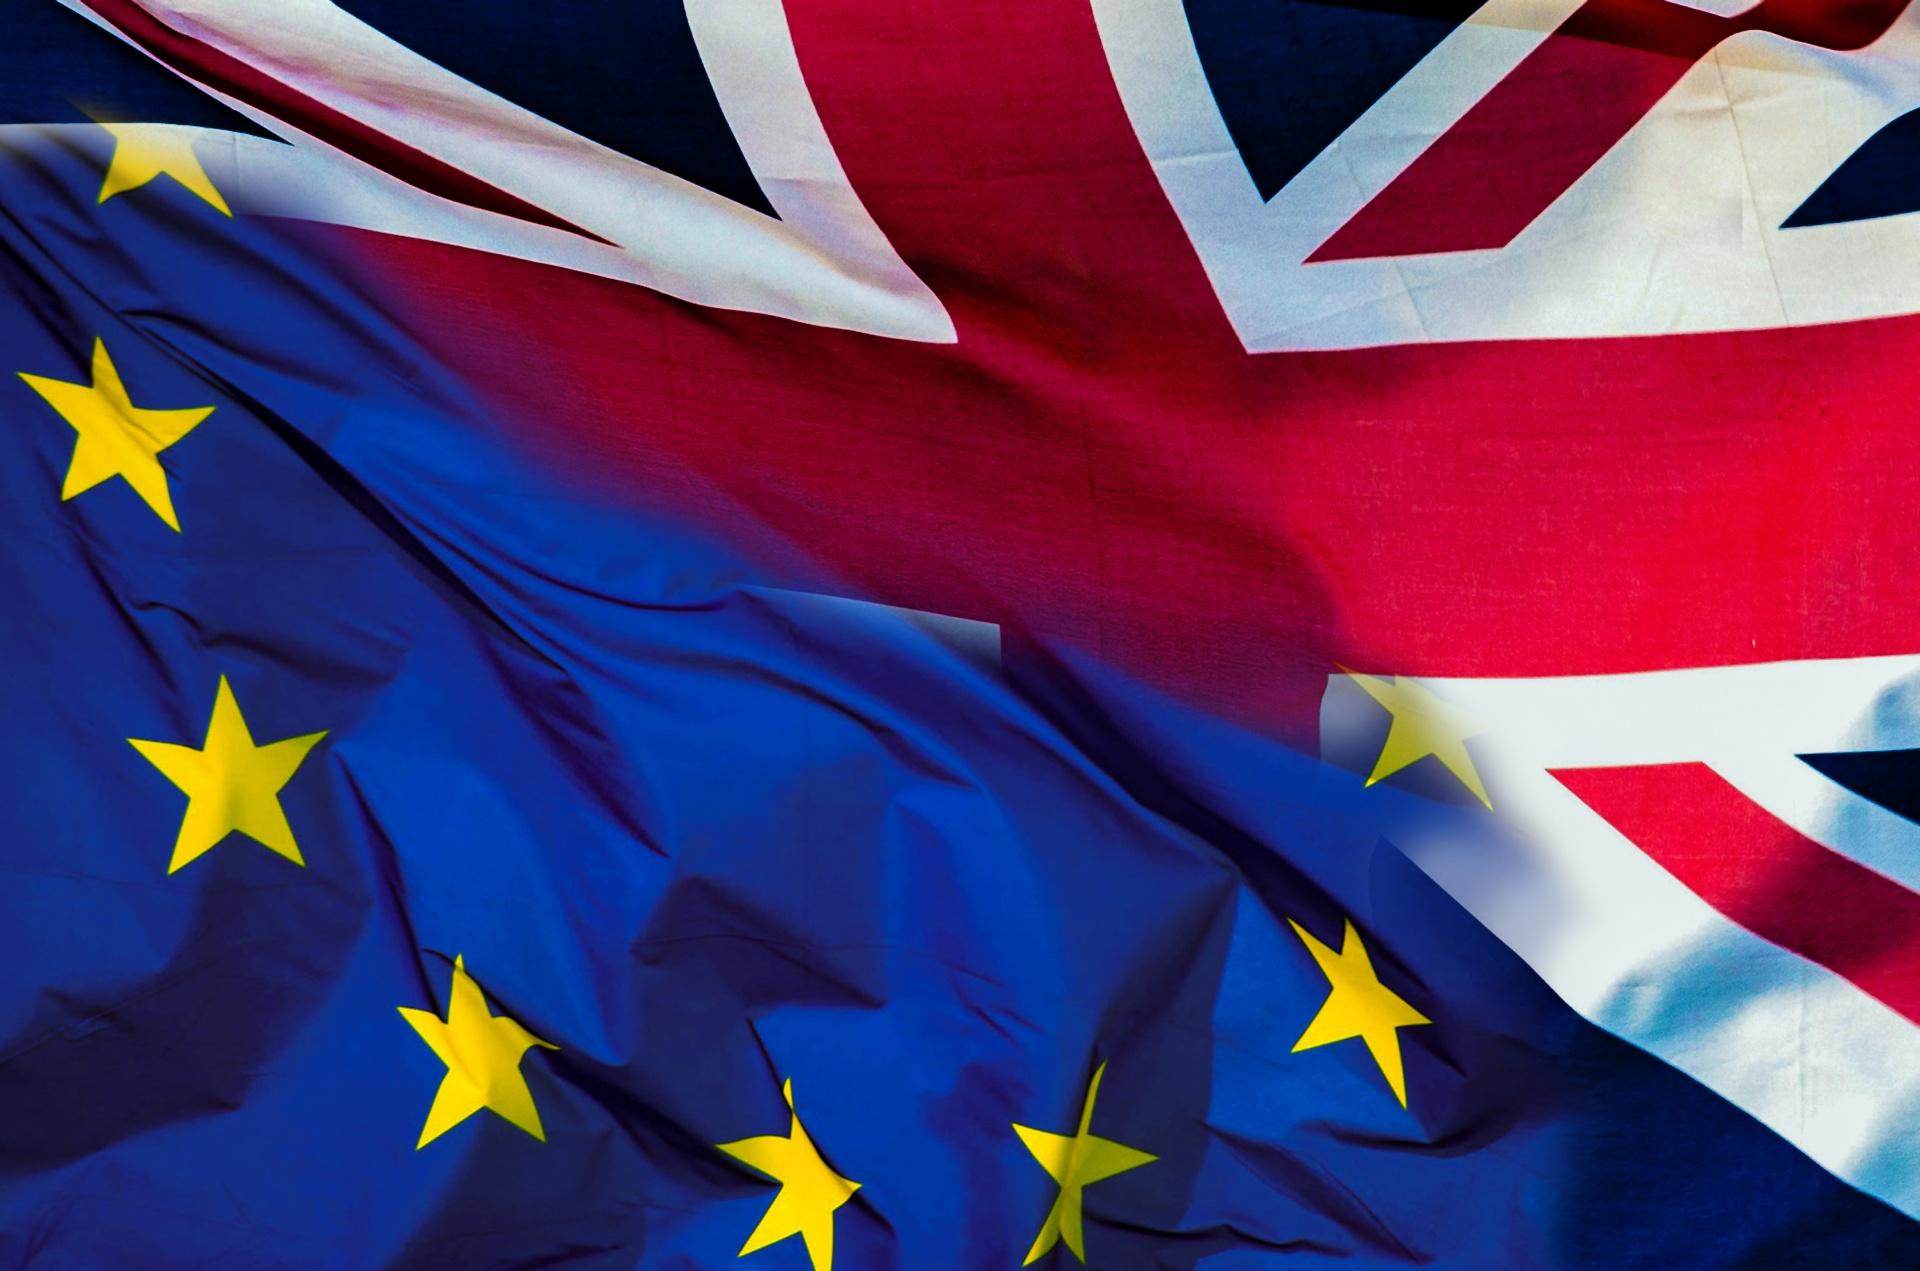 Brexit - Most akkor vámmentes az angol raktár?